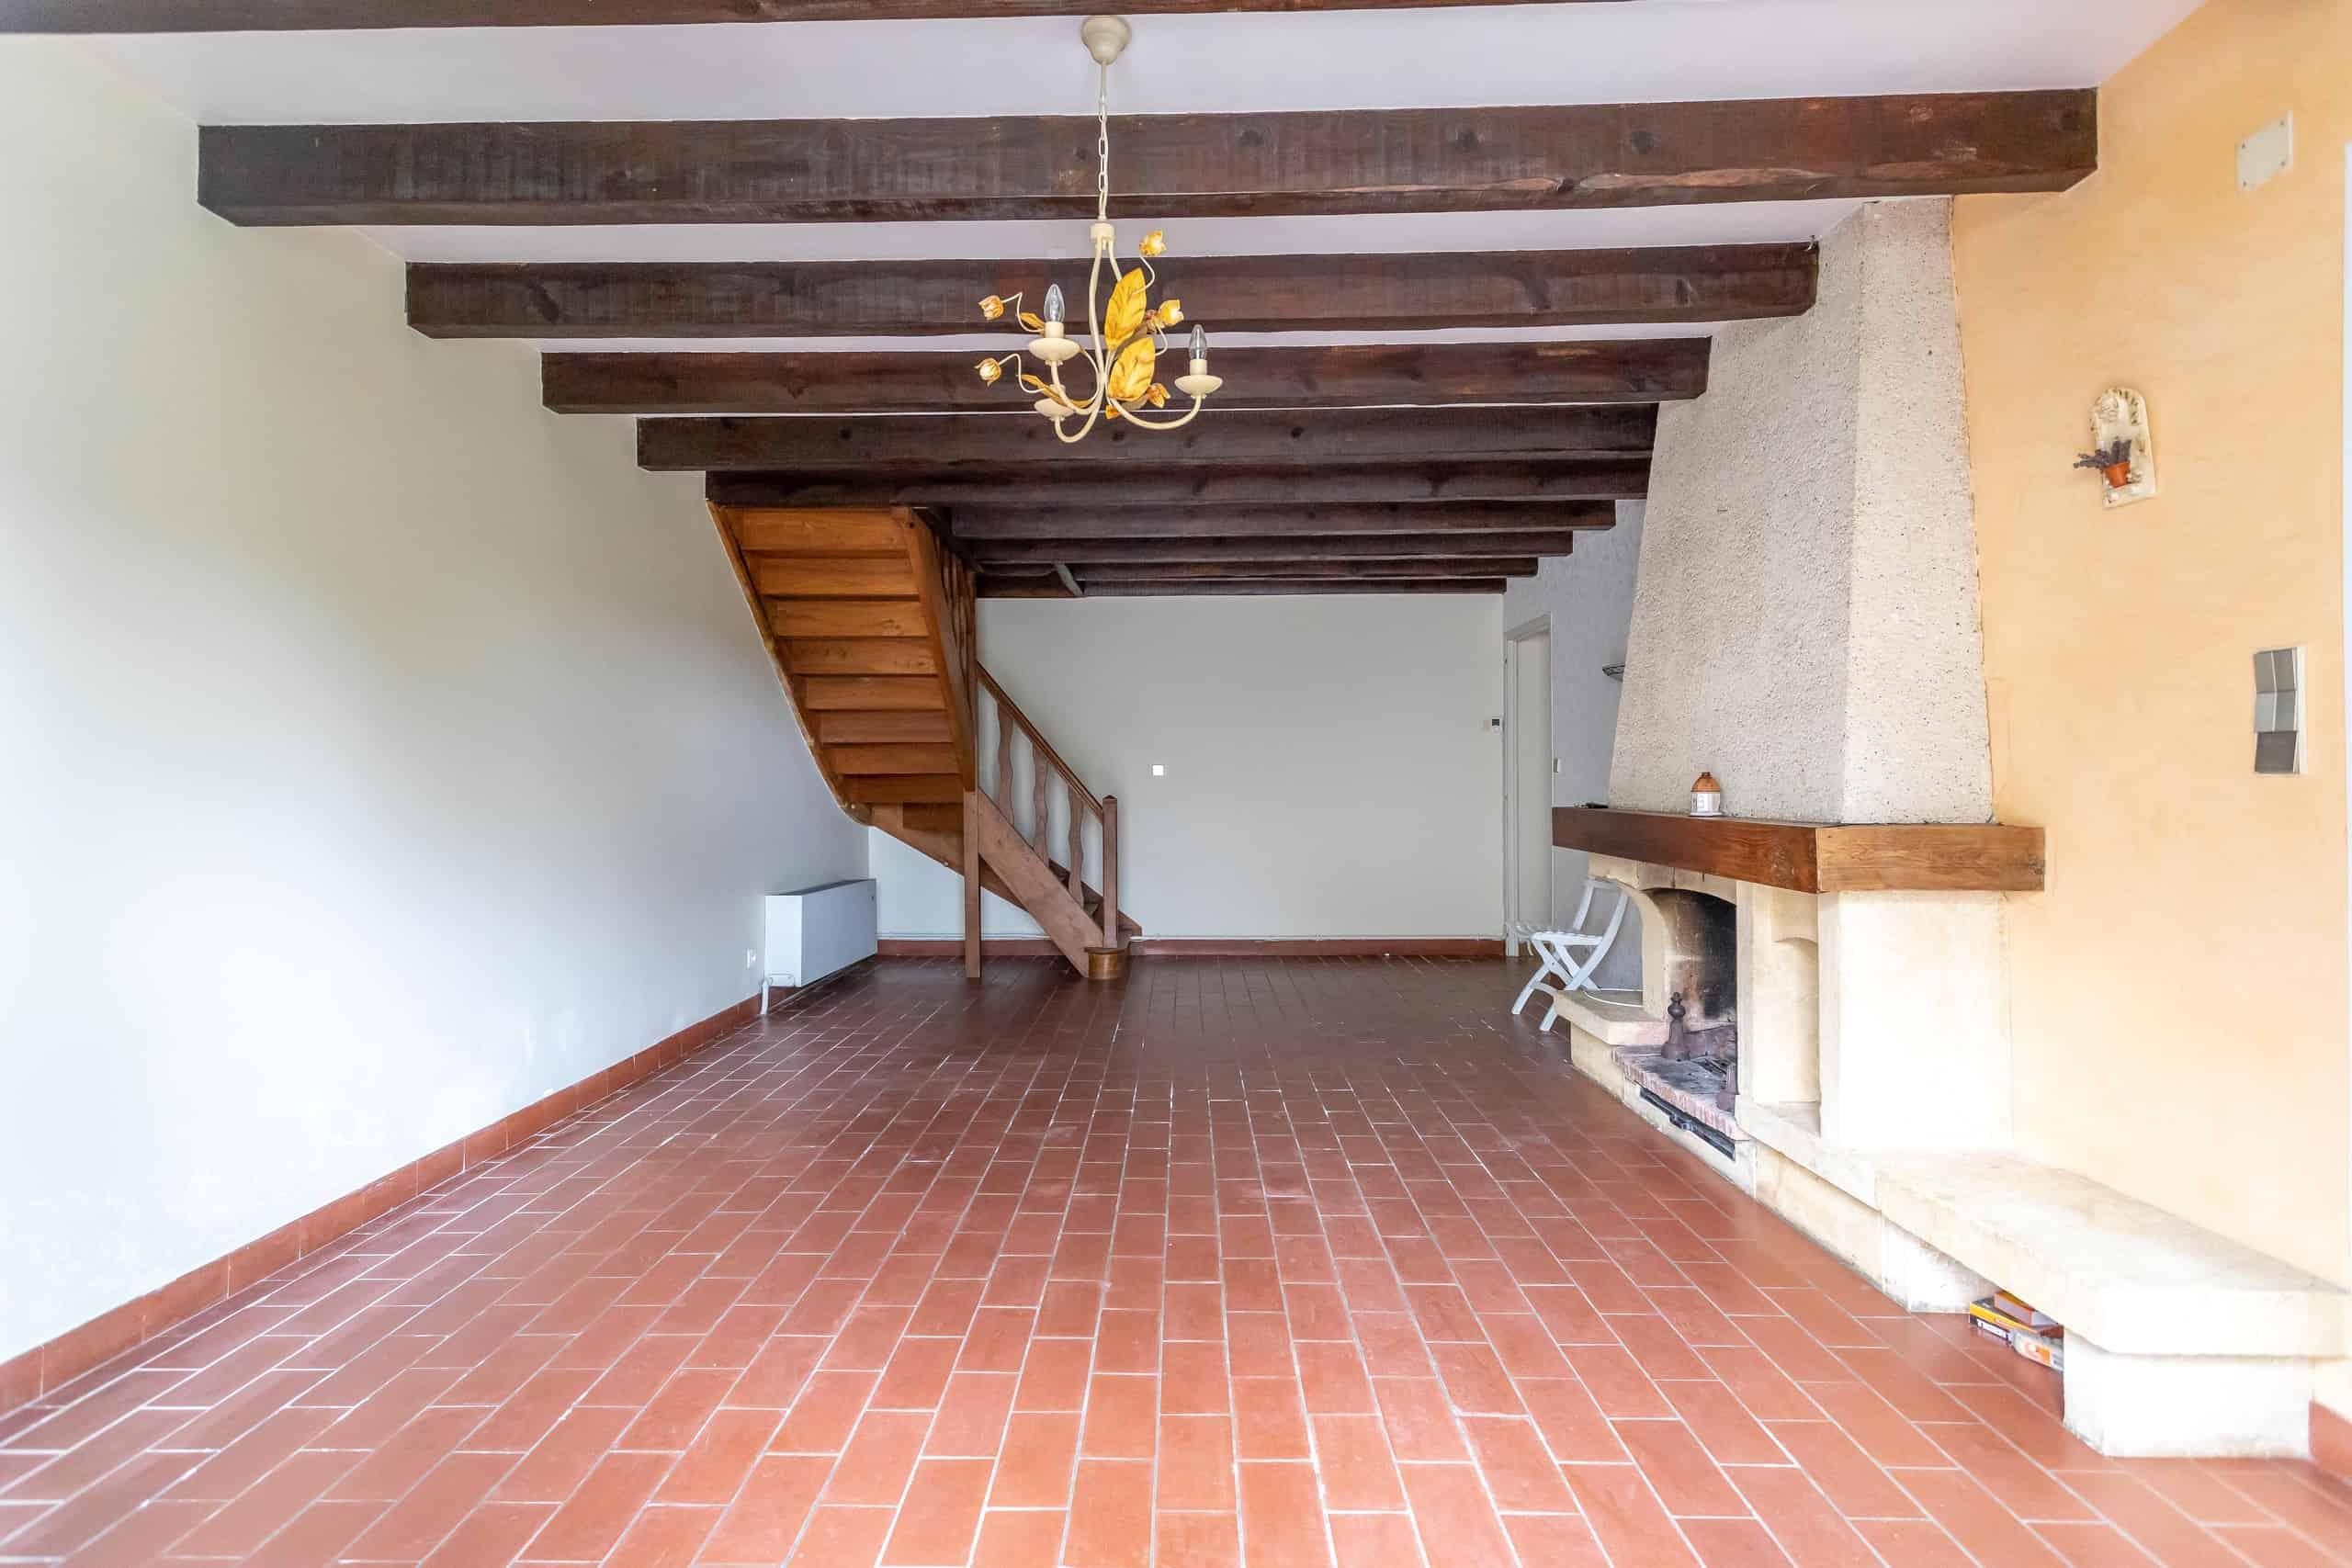 Escalier-WMC075